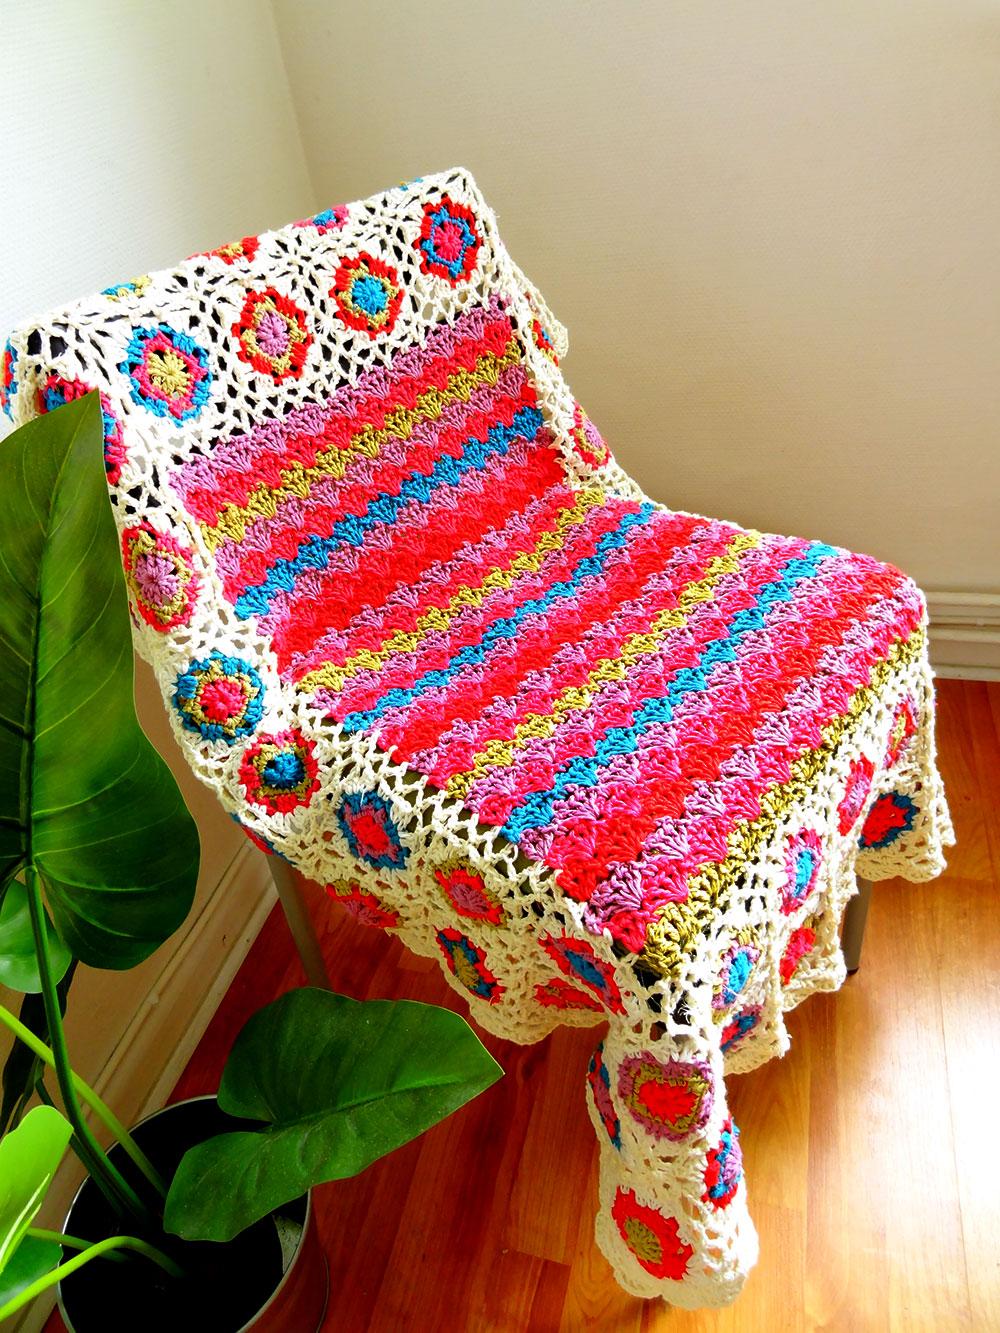 Mes favoris tricot crochet mod le plaid au crochet gratuit ziggy blanky - Modele plaid tricot gratuit ...